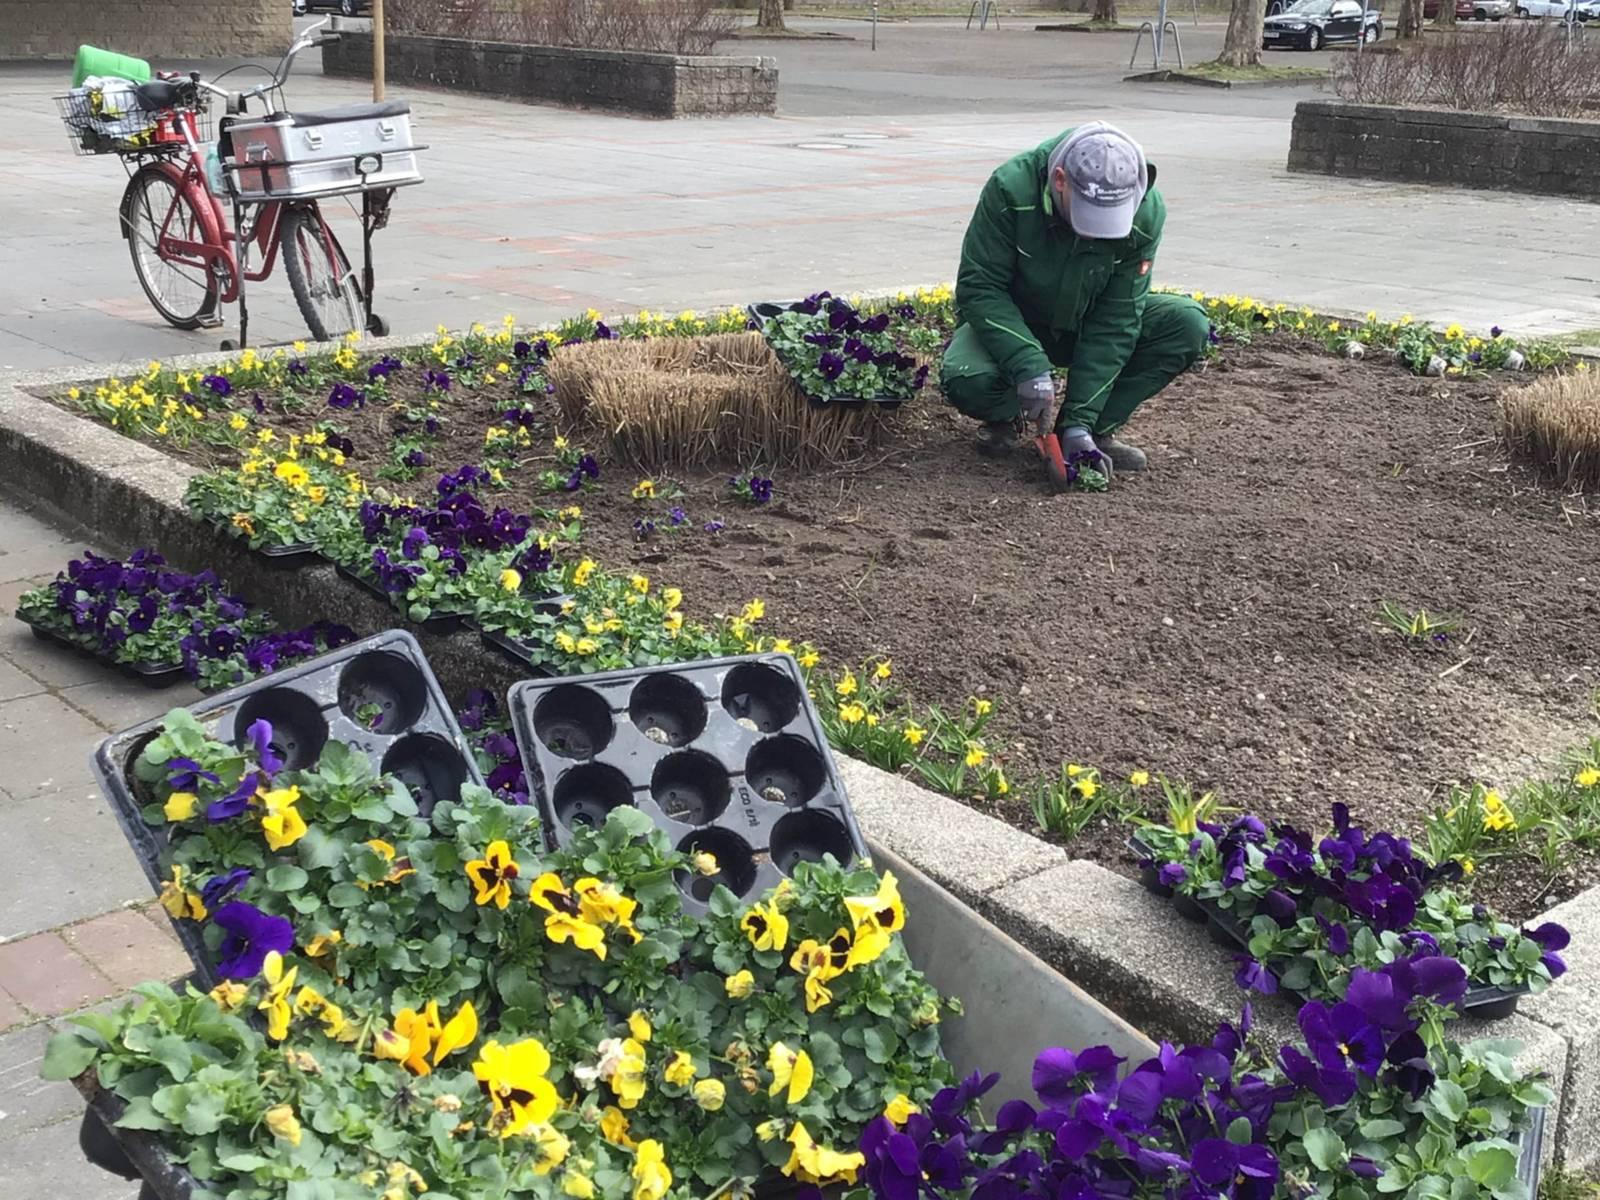 Ein Mann, der ein Beet mit bunten Stiefmütterchen bepflanzt.